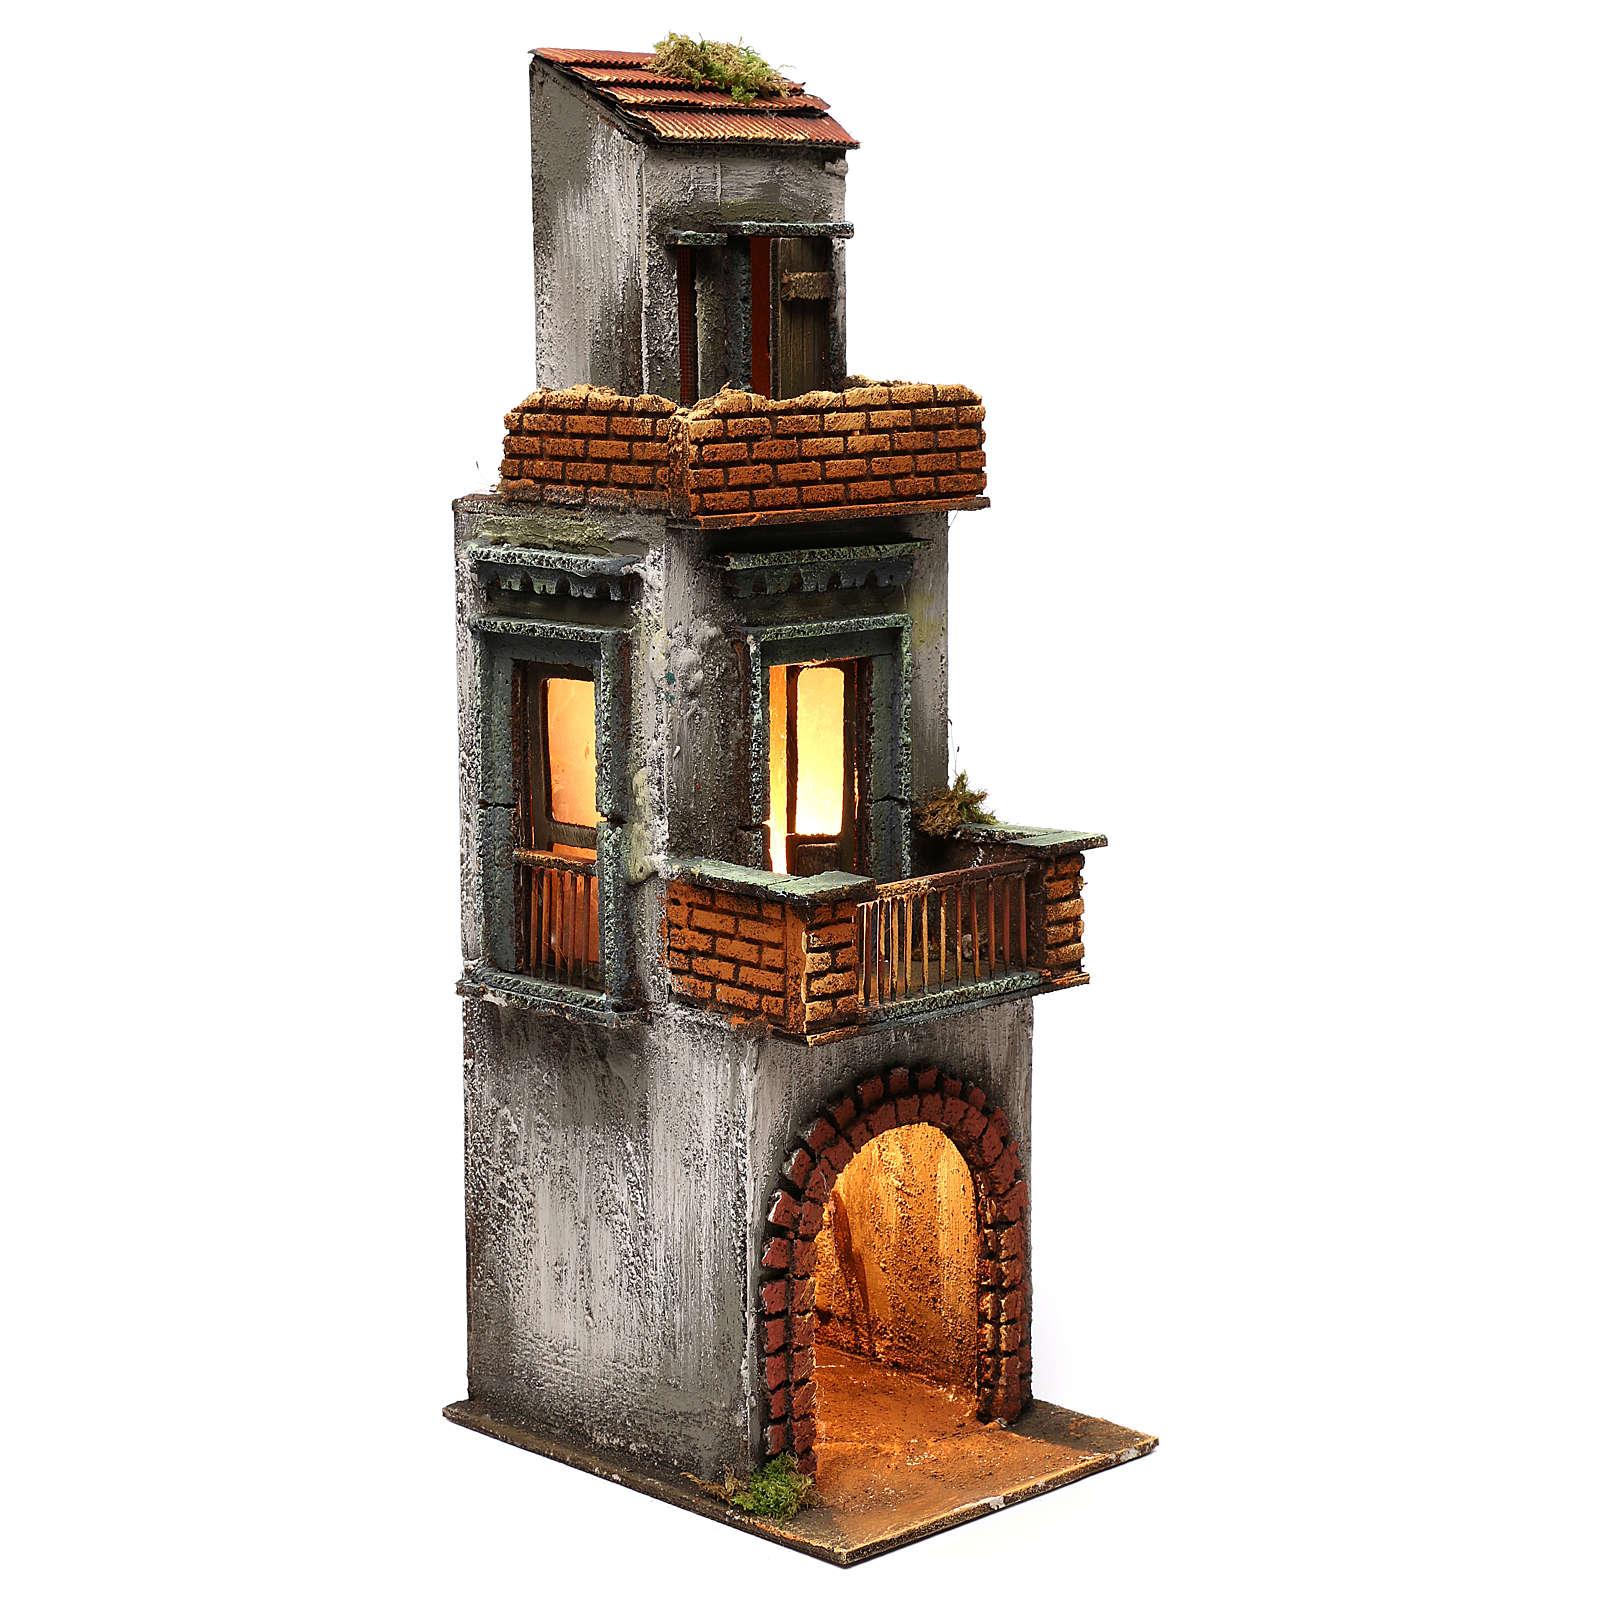 Caseggiato in legno tre piani presepe napoletano 50x15x20 cm 4